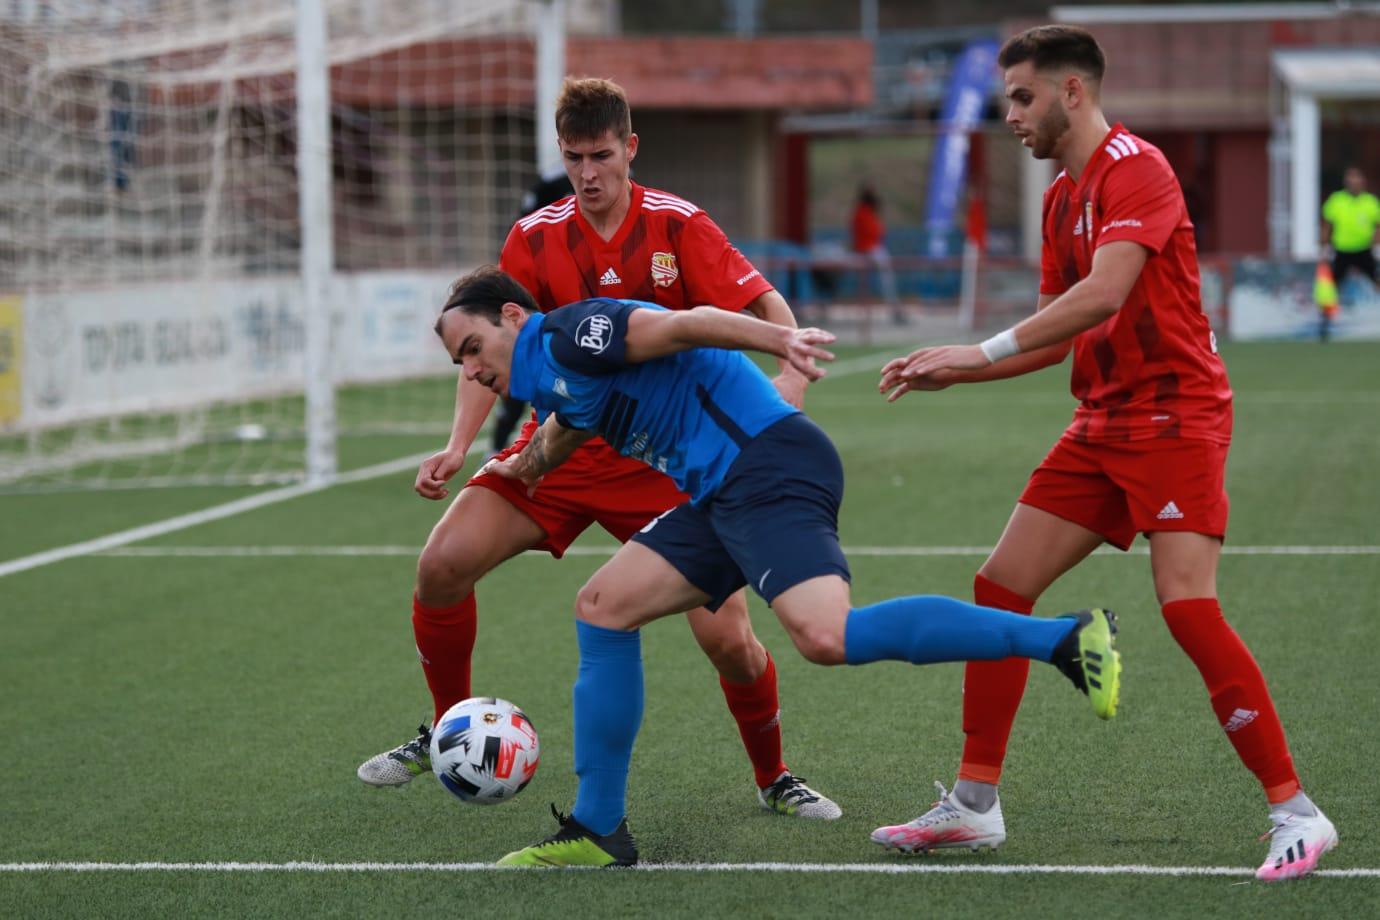 CF IGUALADA 1–0 CE MANRESA